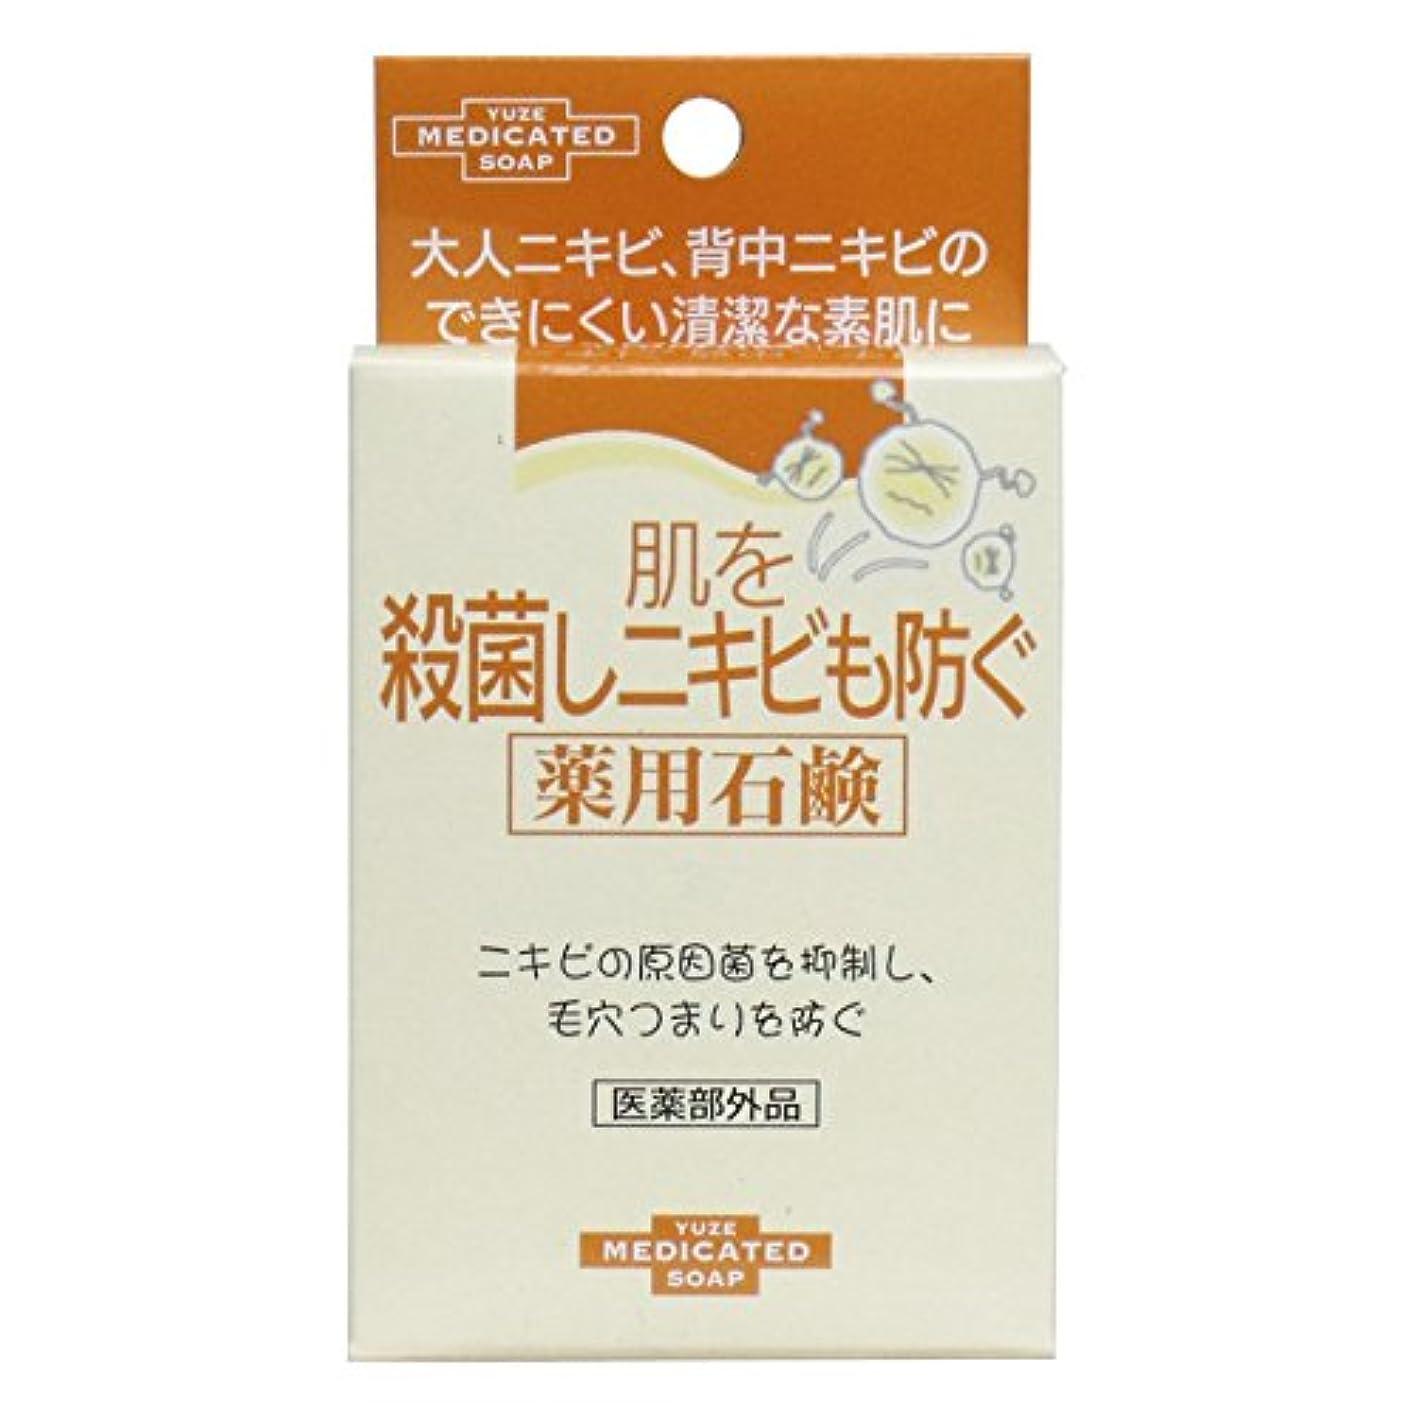 ピカソビクターびんユゼ 肌を殺菌しニキビも防ぐ薬用石鹸 (110g)